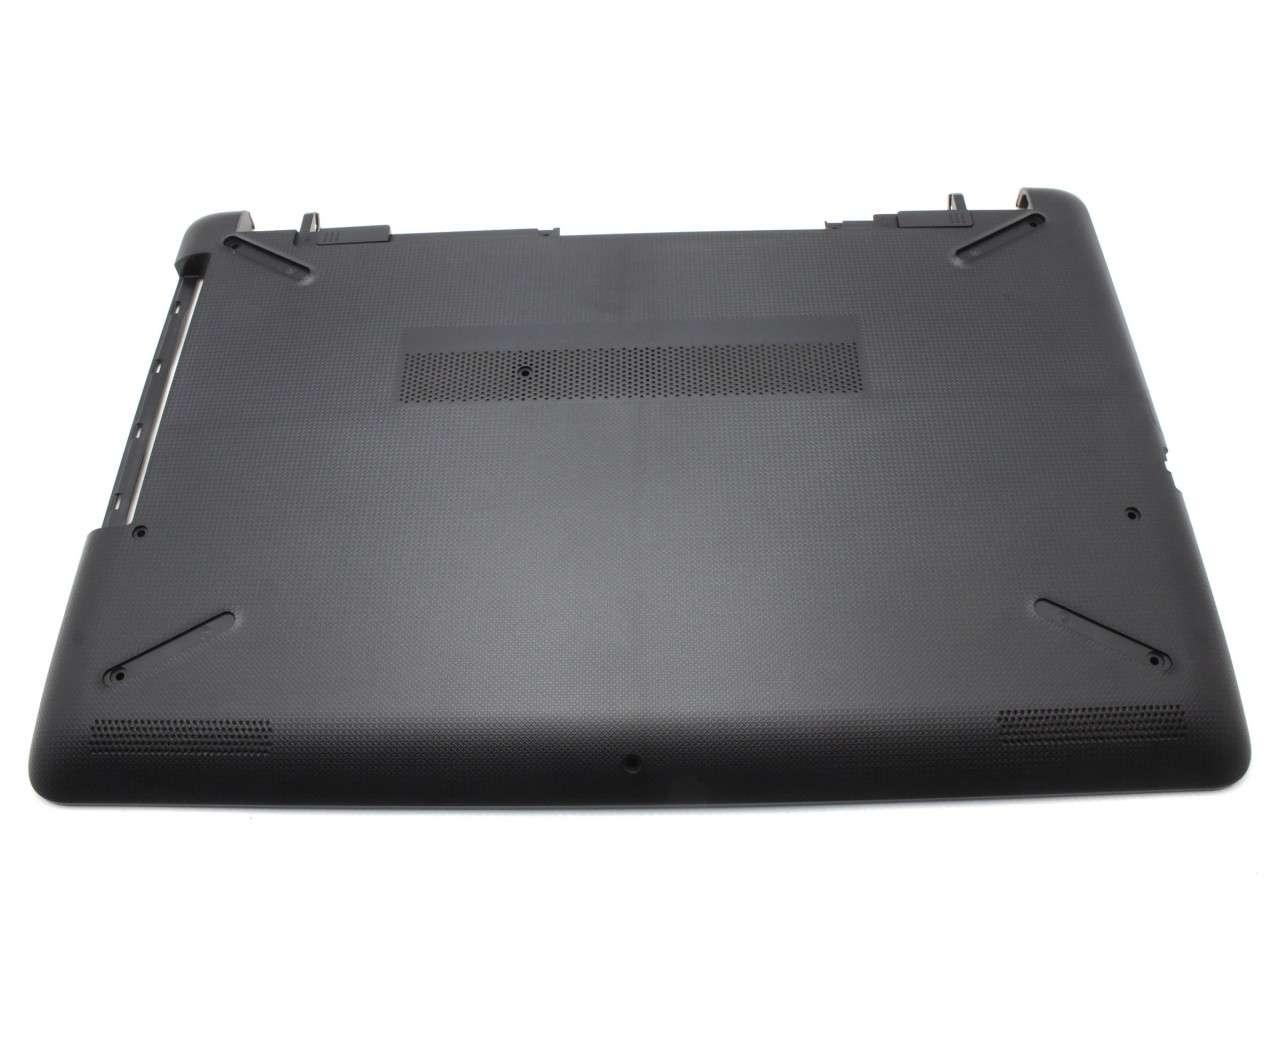 Bottom Case HP 15Q-BU Carcasa Inferioara Neagra fara Port VGA imagine powerlaptop.ro 2021